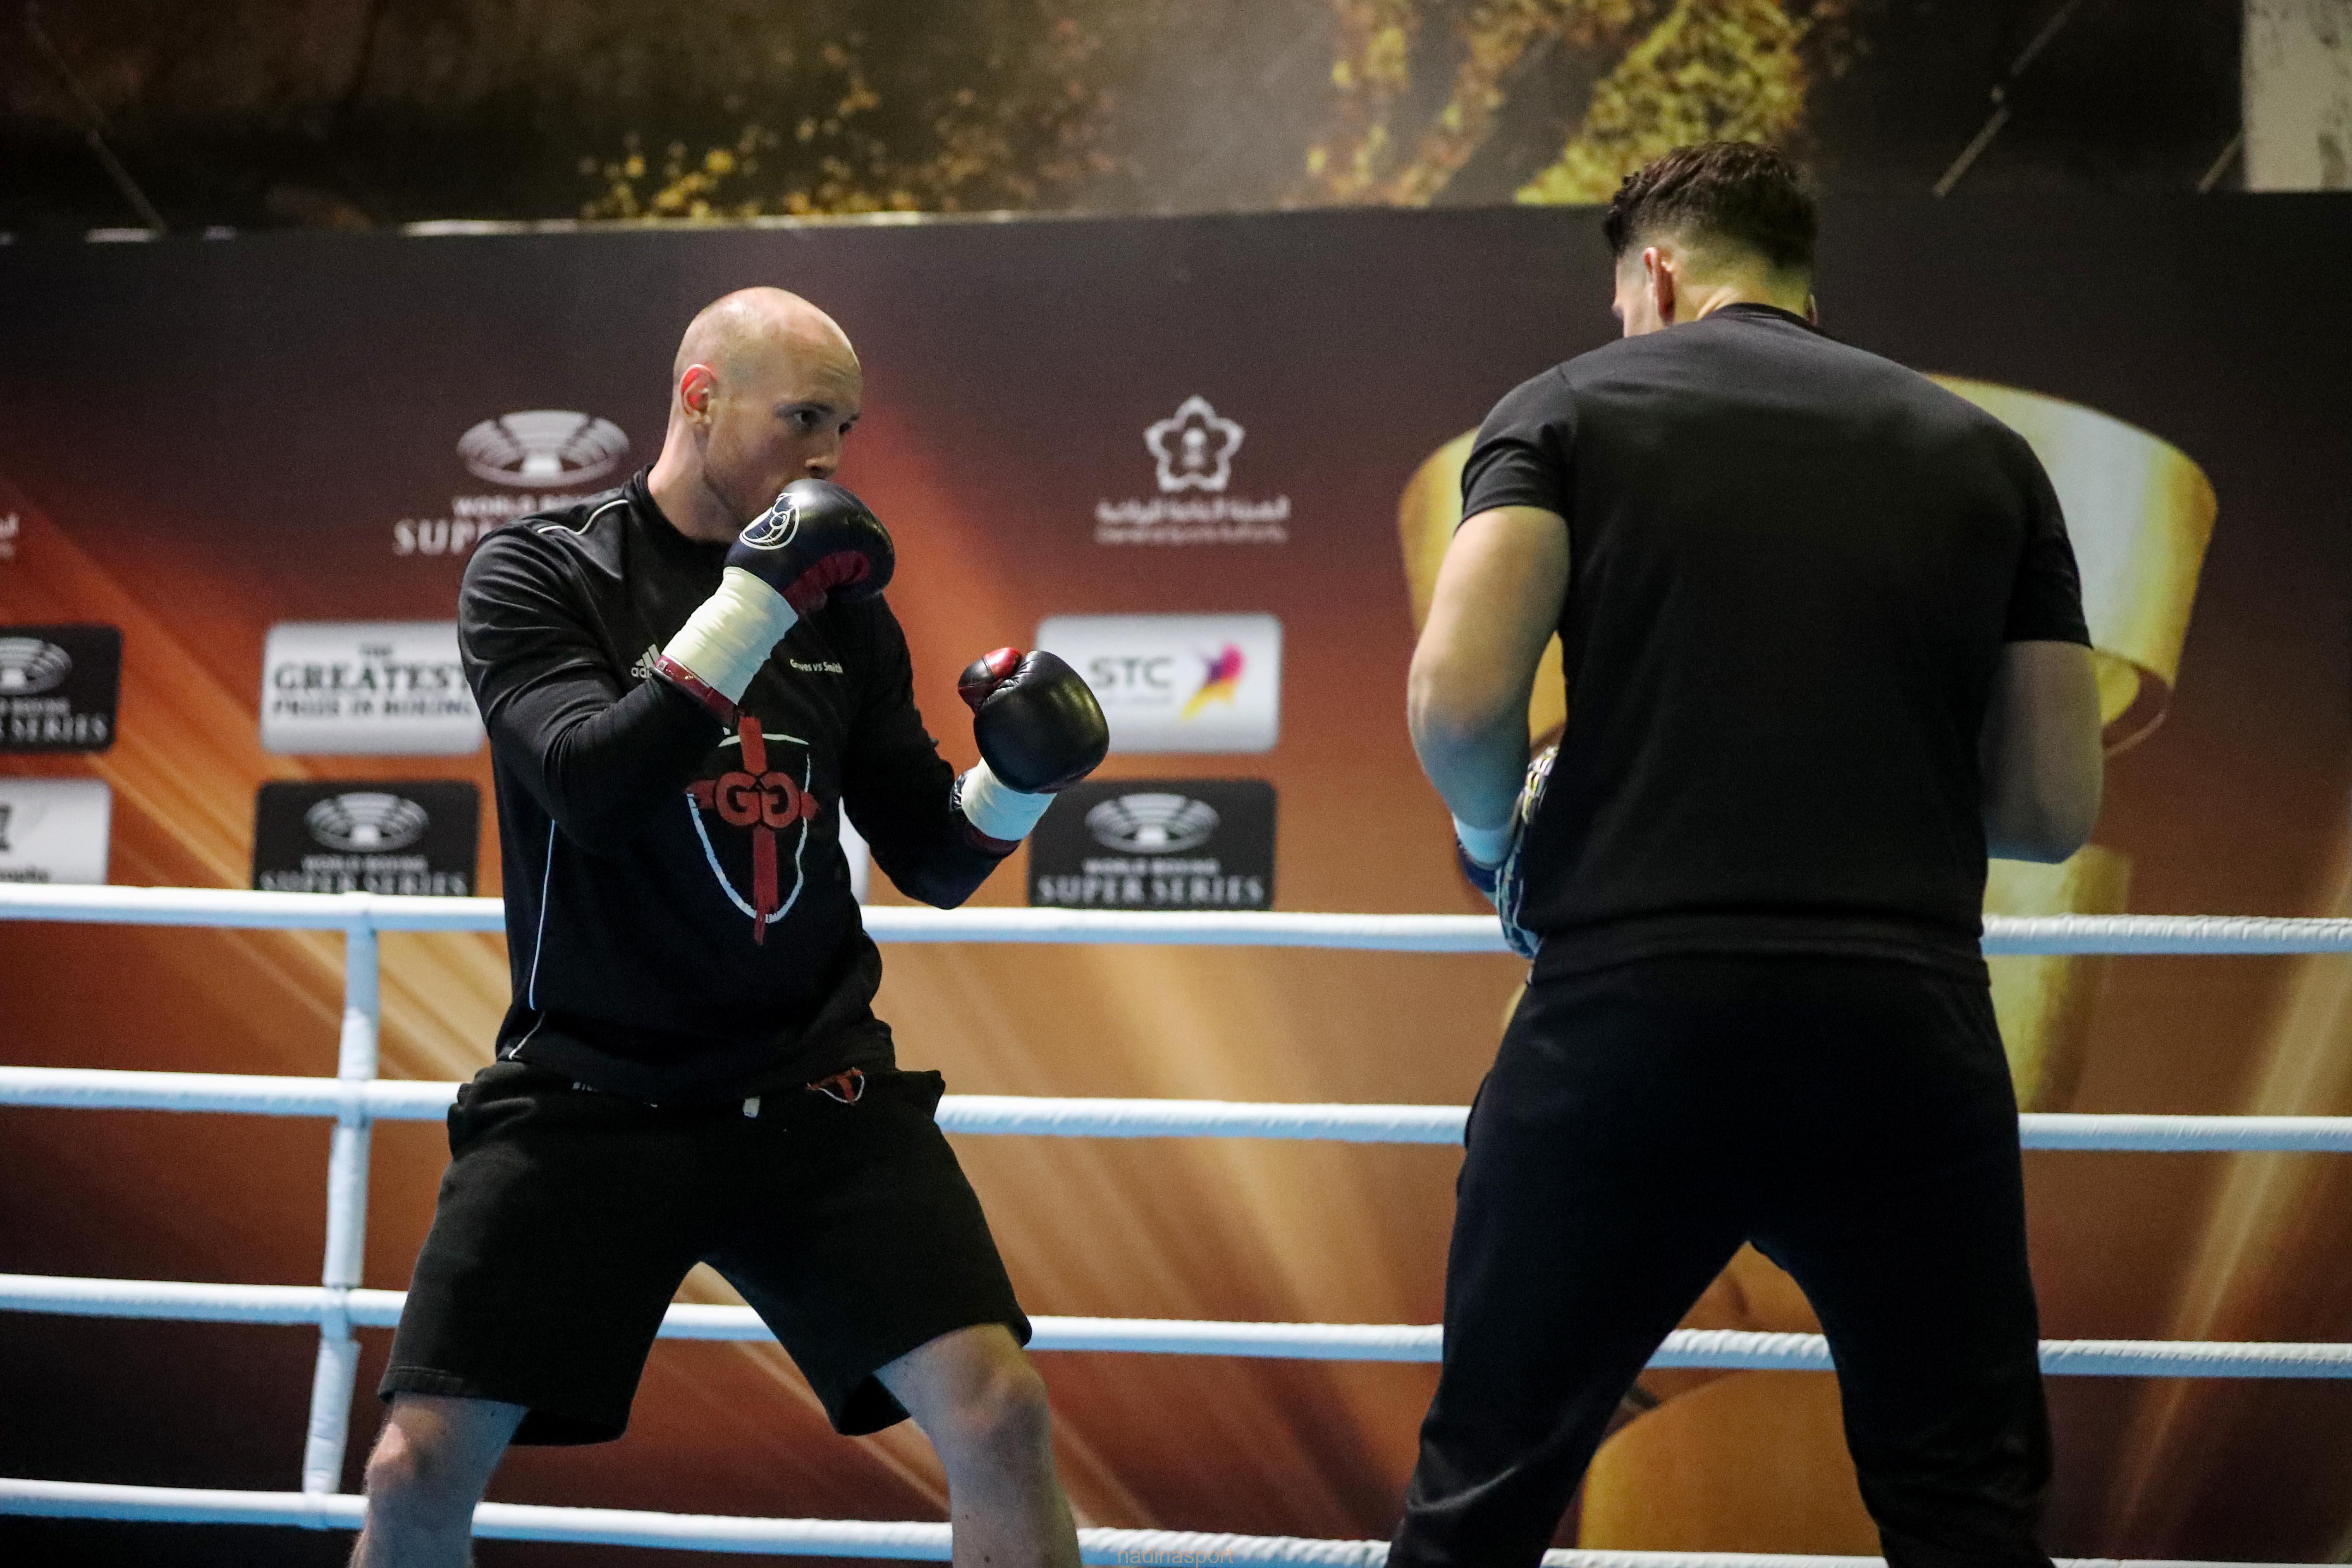 الملاكمان جروفس وسميث يجريان التدريب الرئيسي بجدة استعداداً لنهائي كأس محمد علي